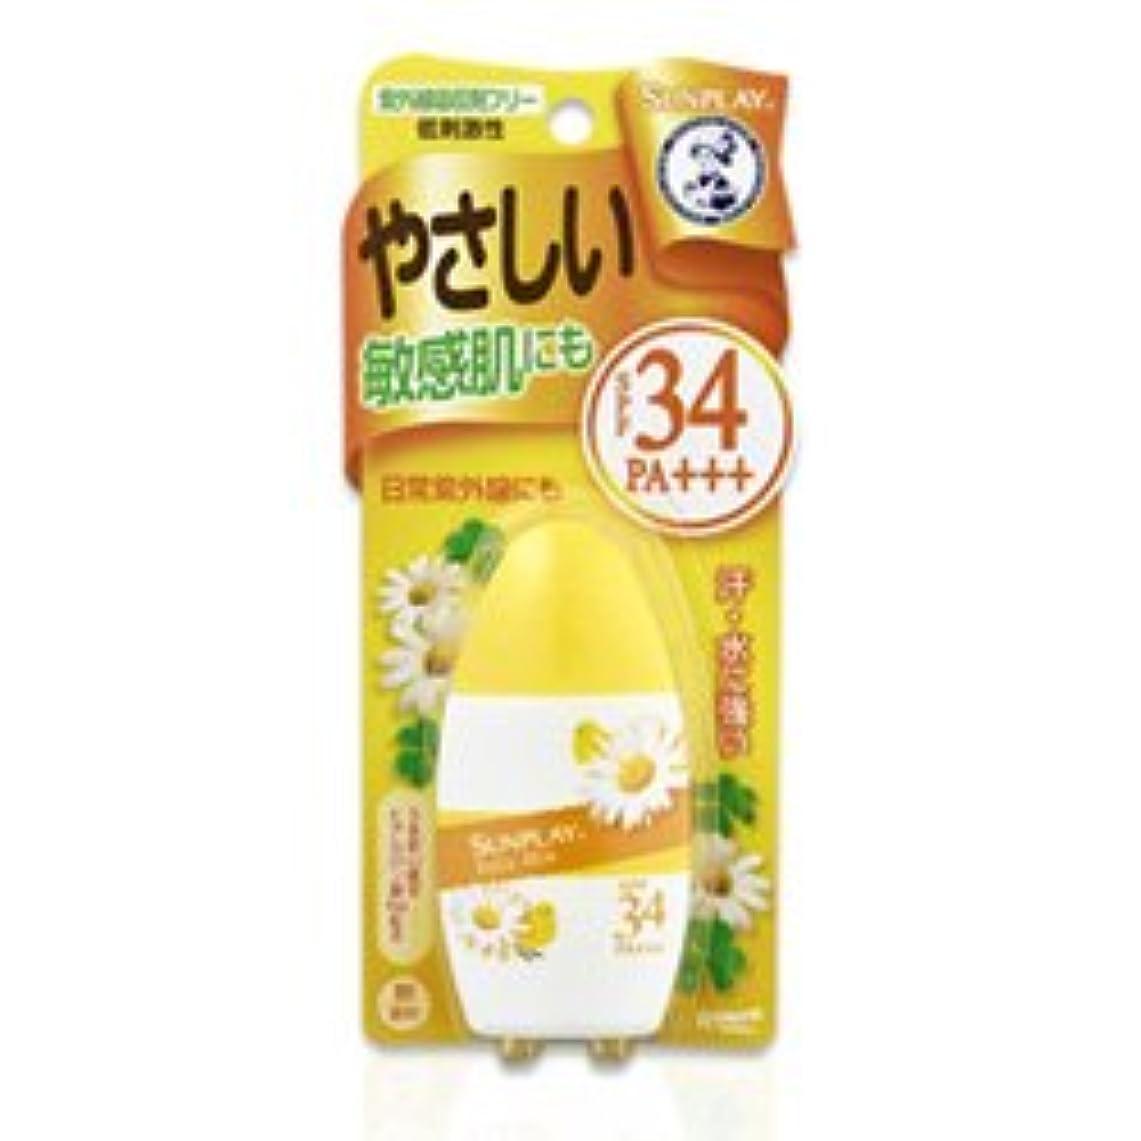 電話するローラーかご【ロート製薬】メンソレータム サンプレイ ベビーミルク 30g ×10個セット